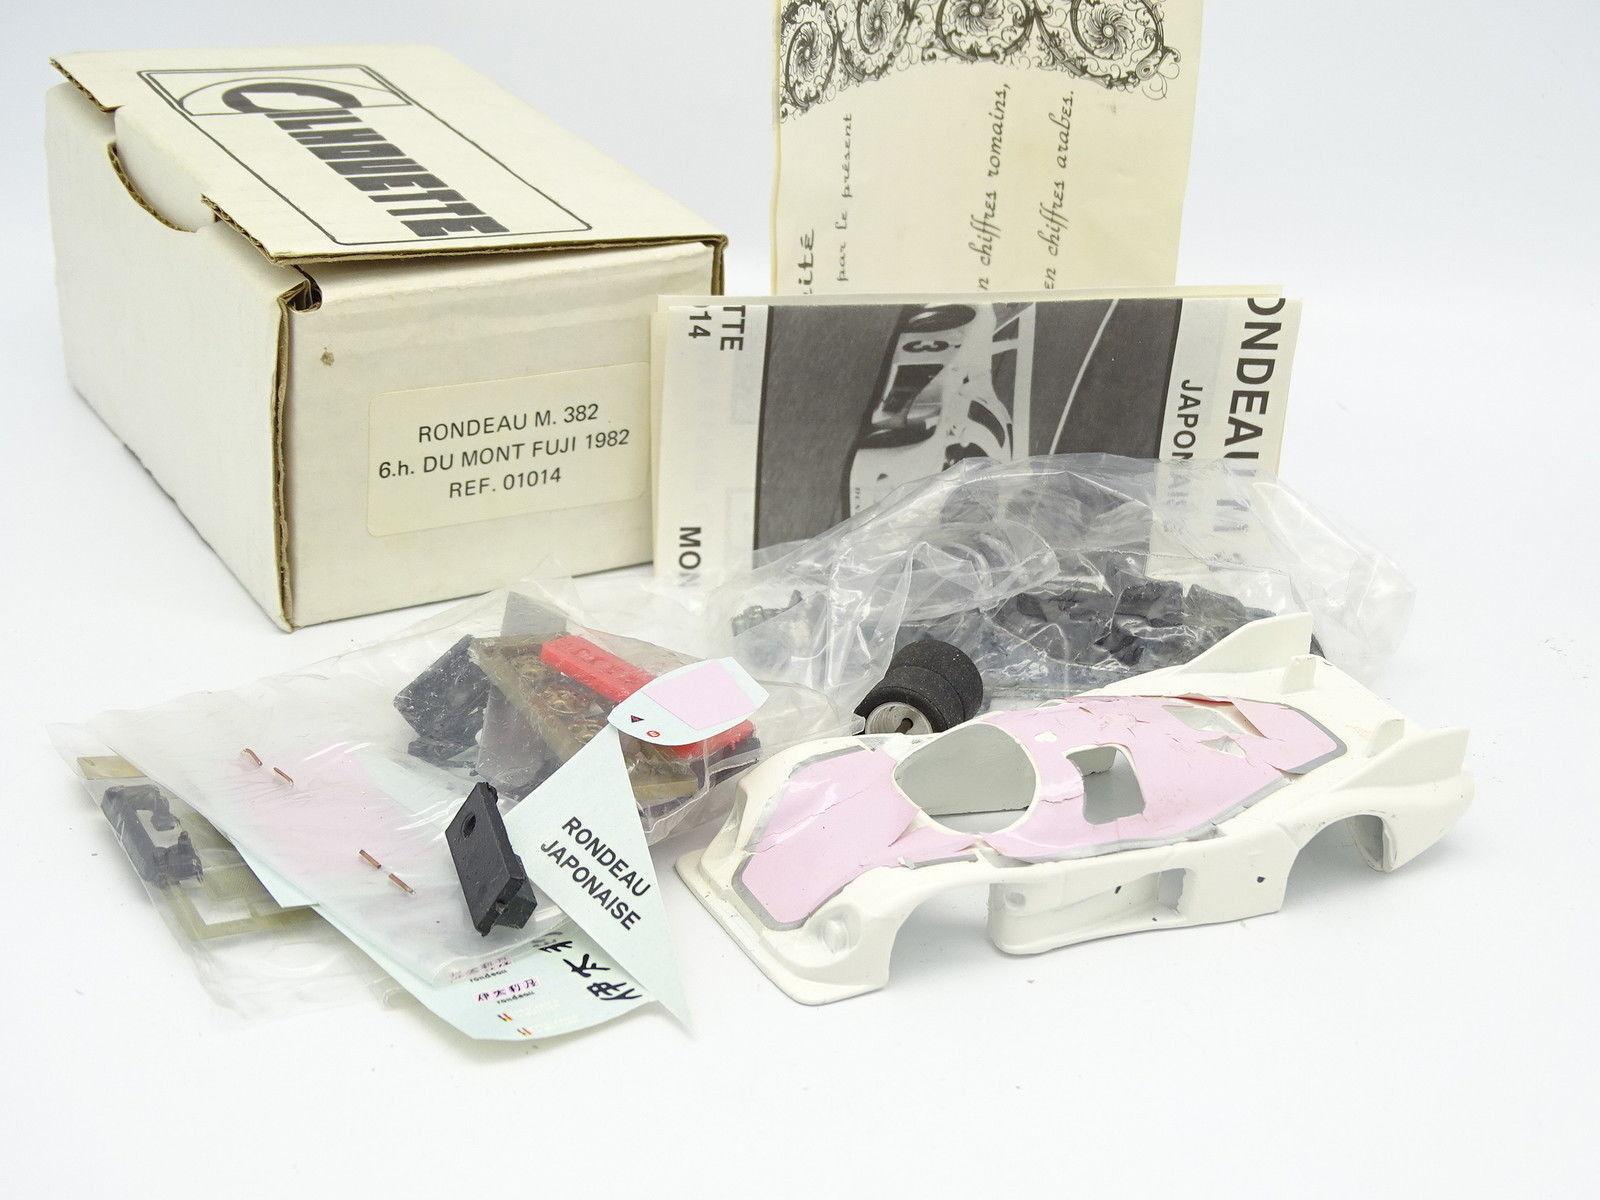 Silhouette Kit à Monter 1 43 - Rondeau M382 6H Mont Fuji 1982